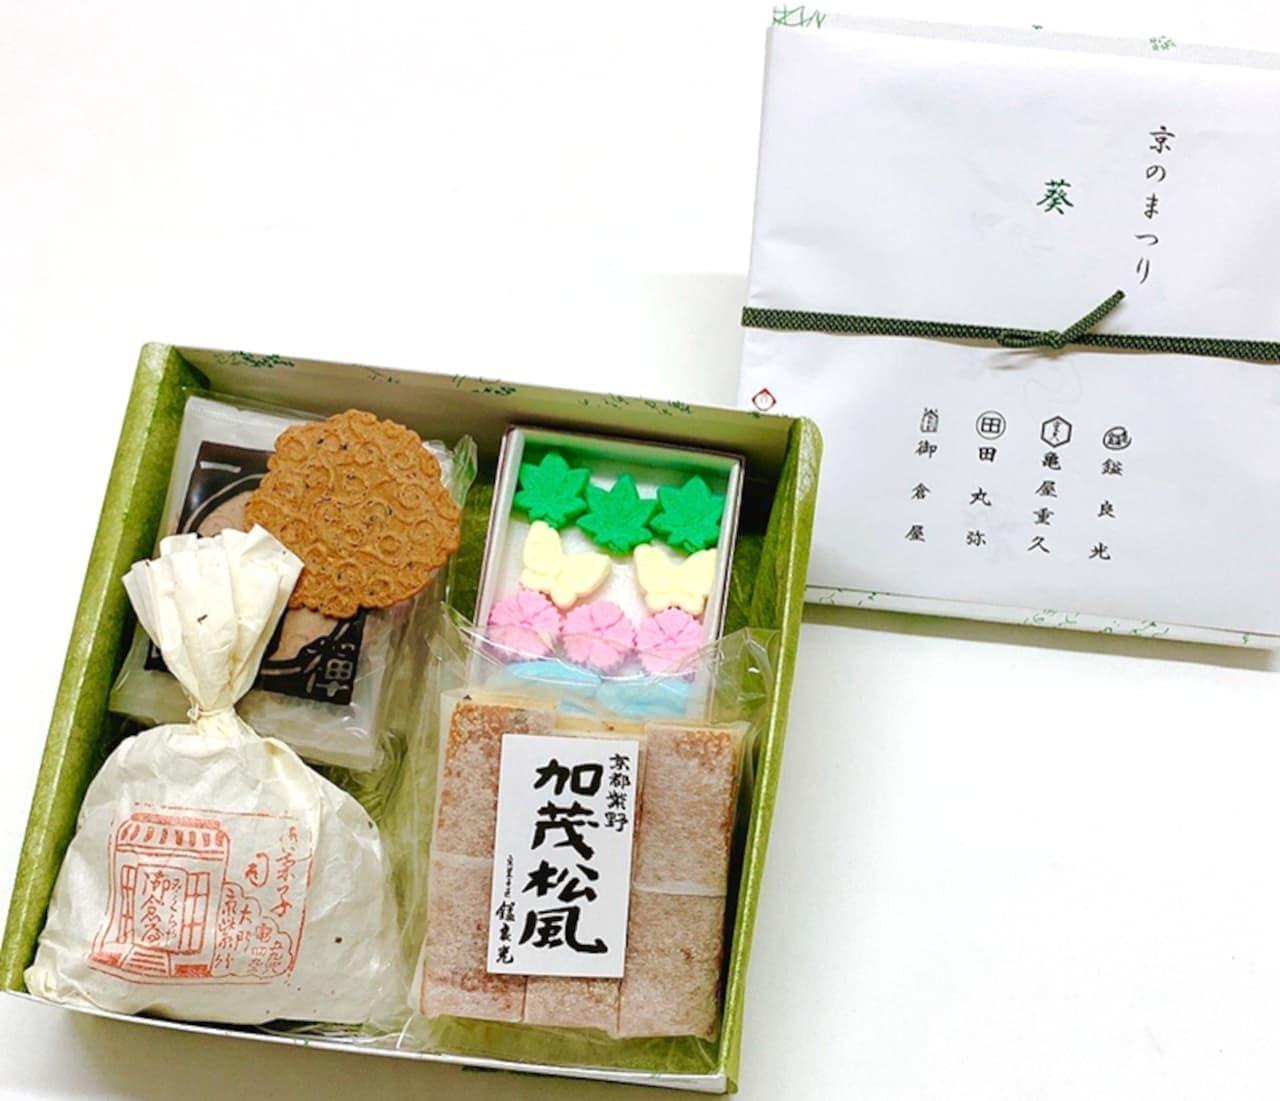 12社の和菓子詰め合わせ「京のまつり」